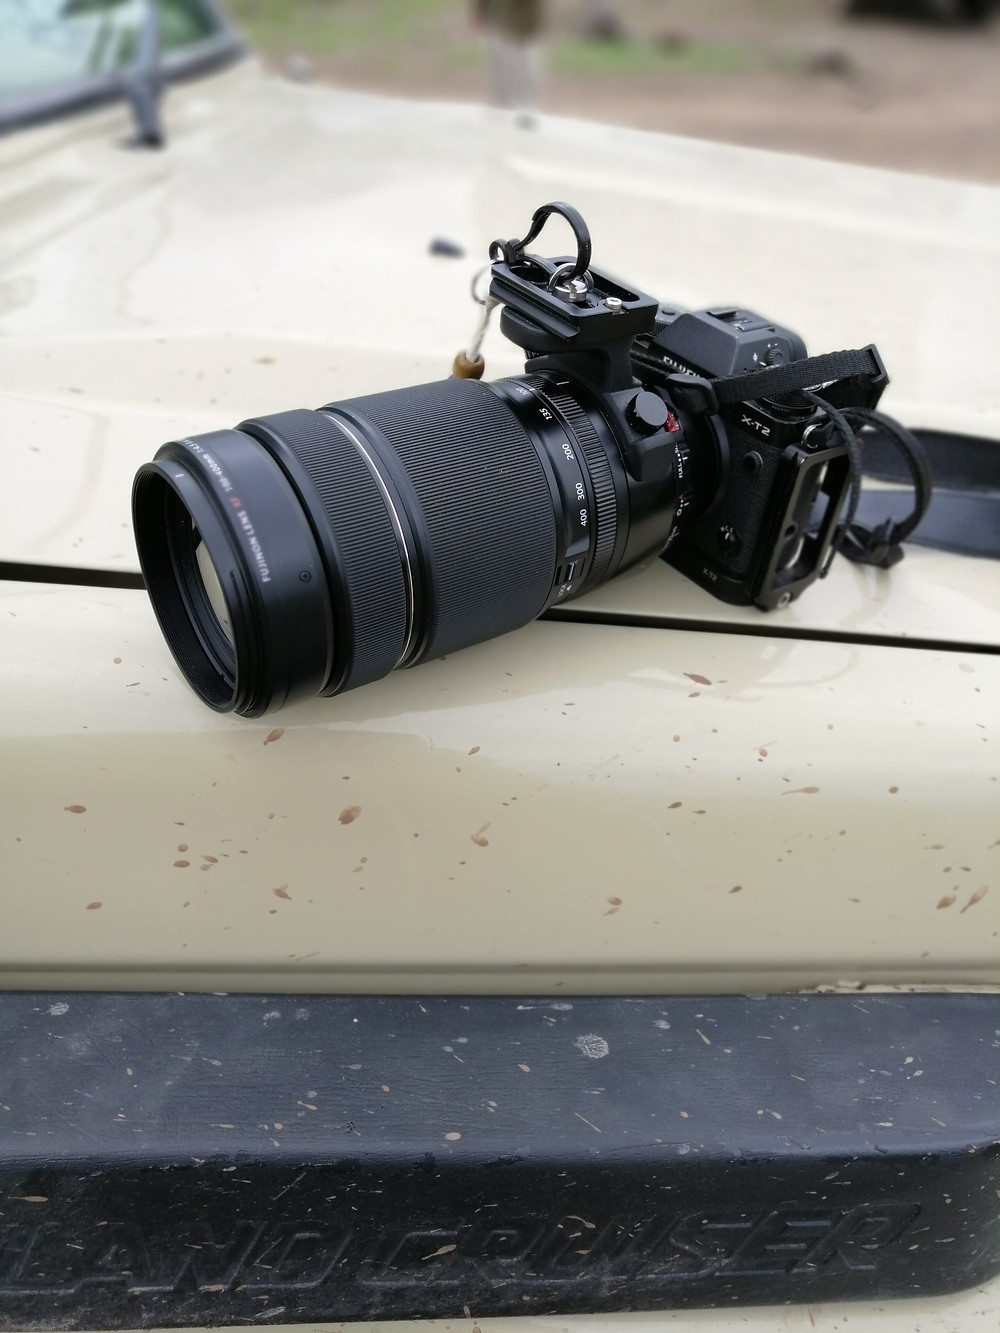 Fujinon XF 100-400mm f/4.5-5.6